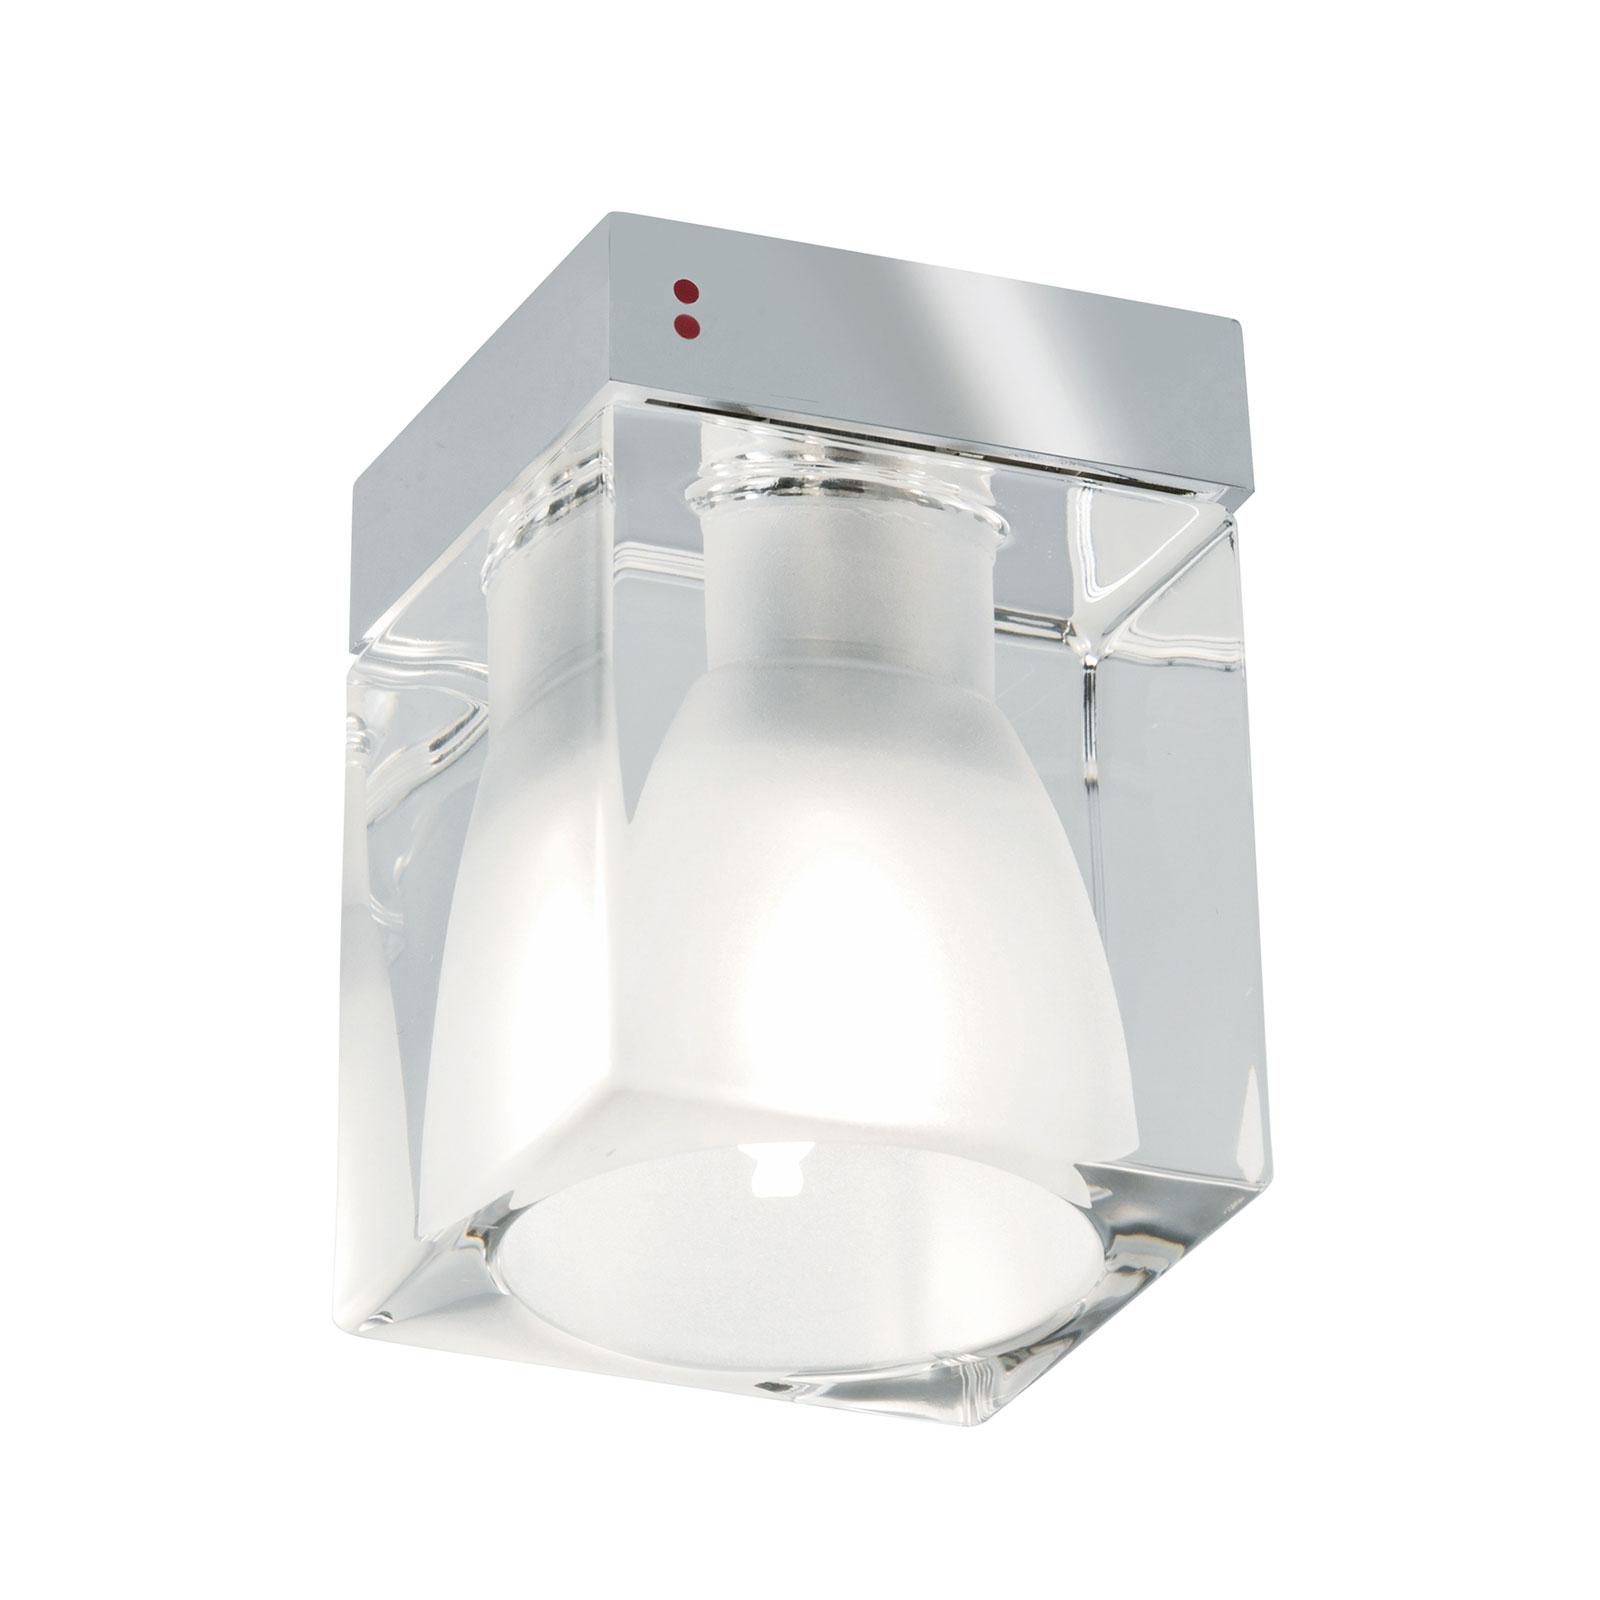 Cubetto lampa sufitowa 1-punktowa, przezroczysta